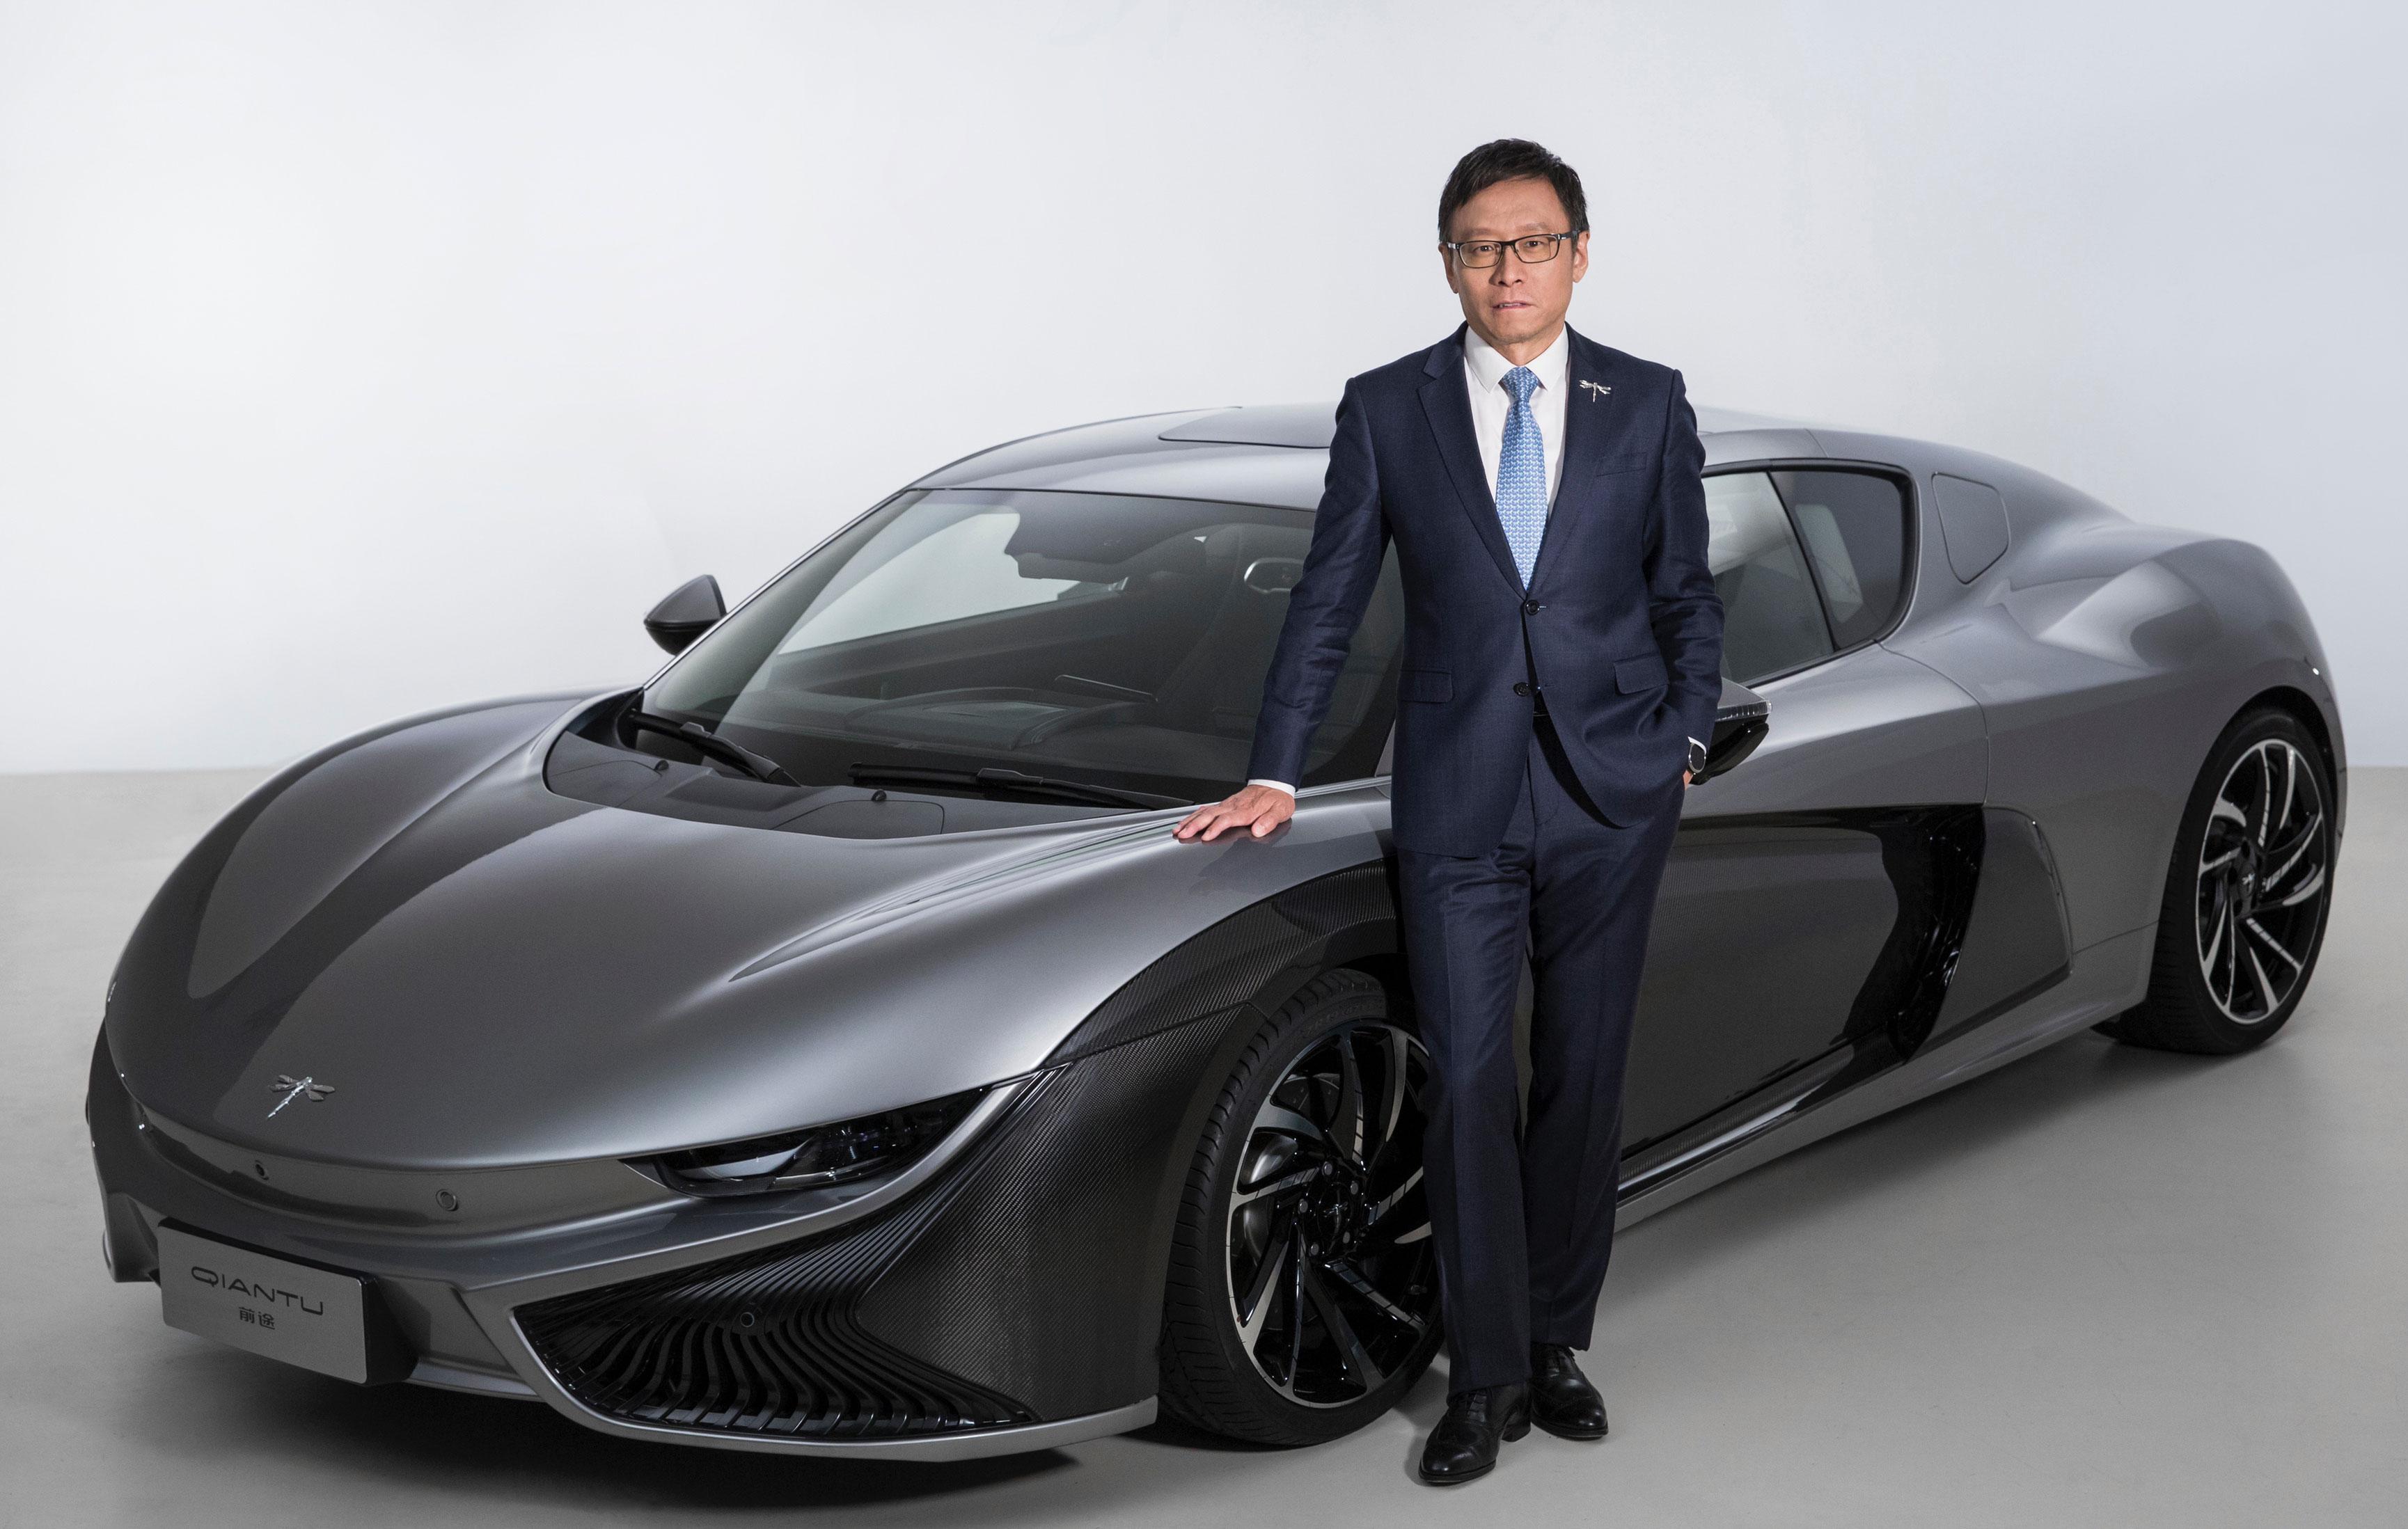 前途汽车陆群:新势力造车,拿什么跟传统PK?  大咖面对面